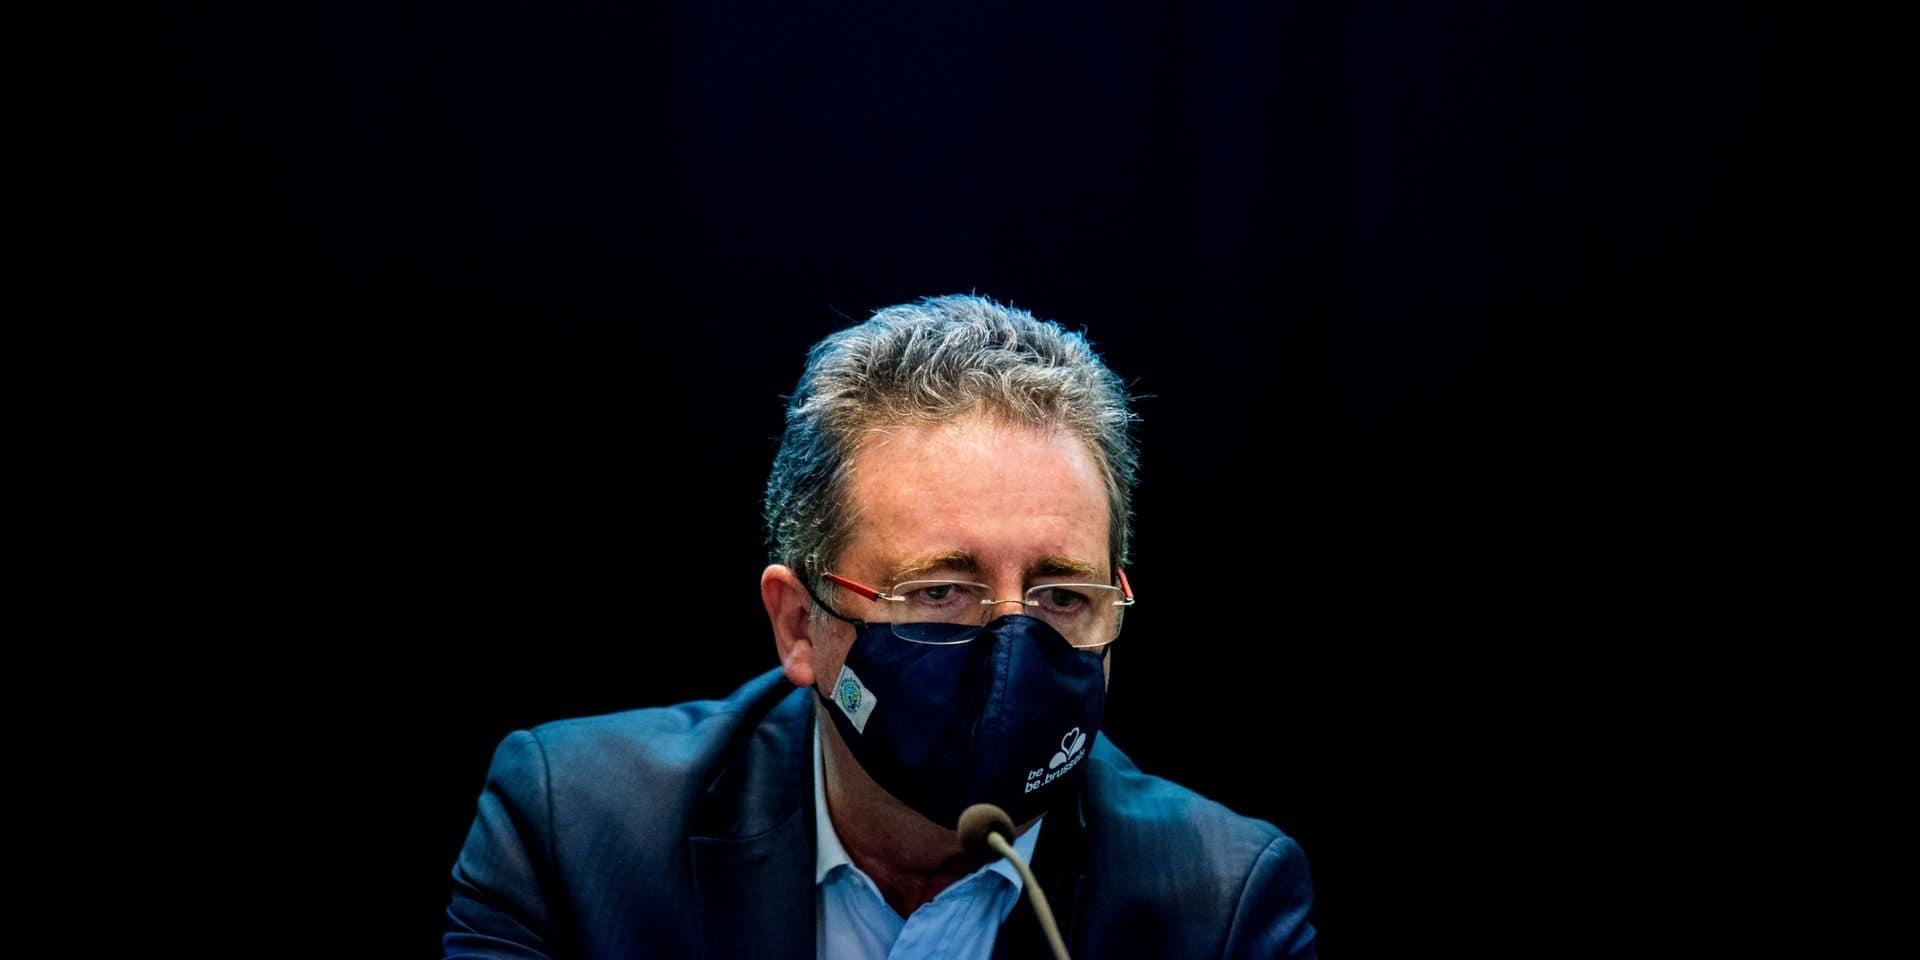 Le centre européen de cybersécurité ne sera pas installé à Bruxelles : la déception de Rudi Vervoort